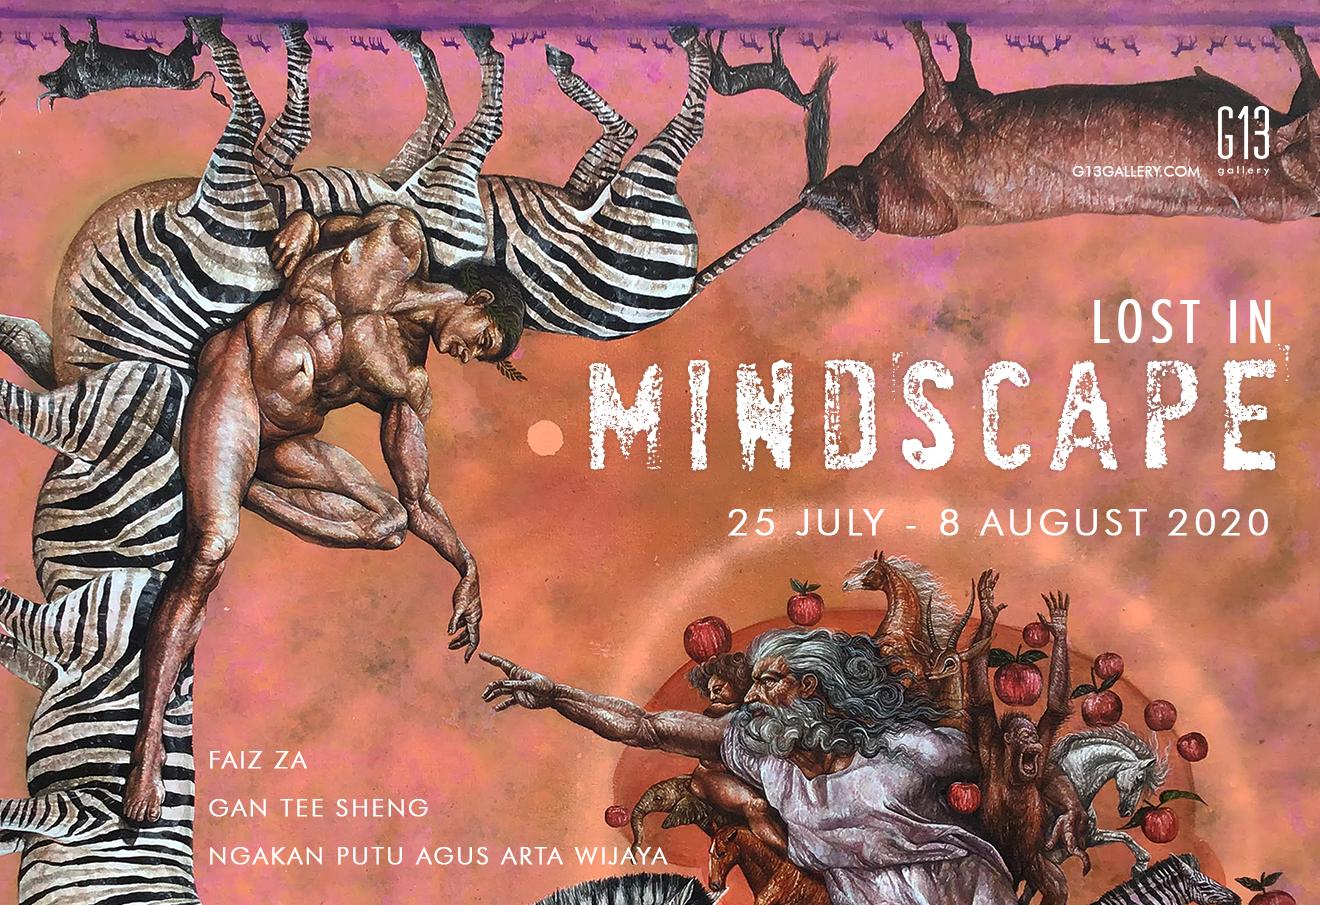 Lost in Mindscape